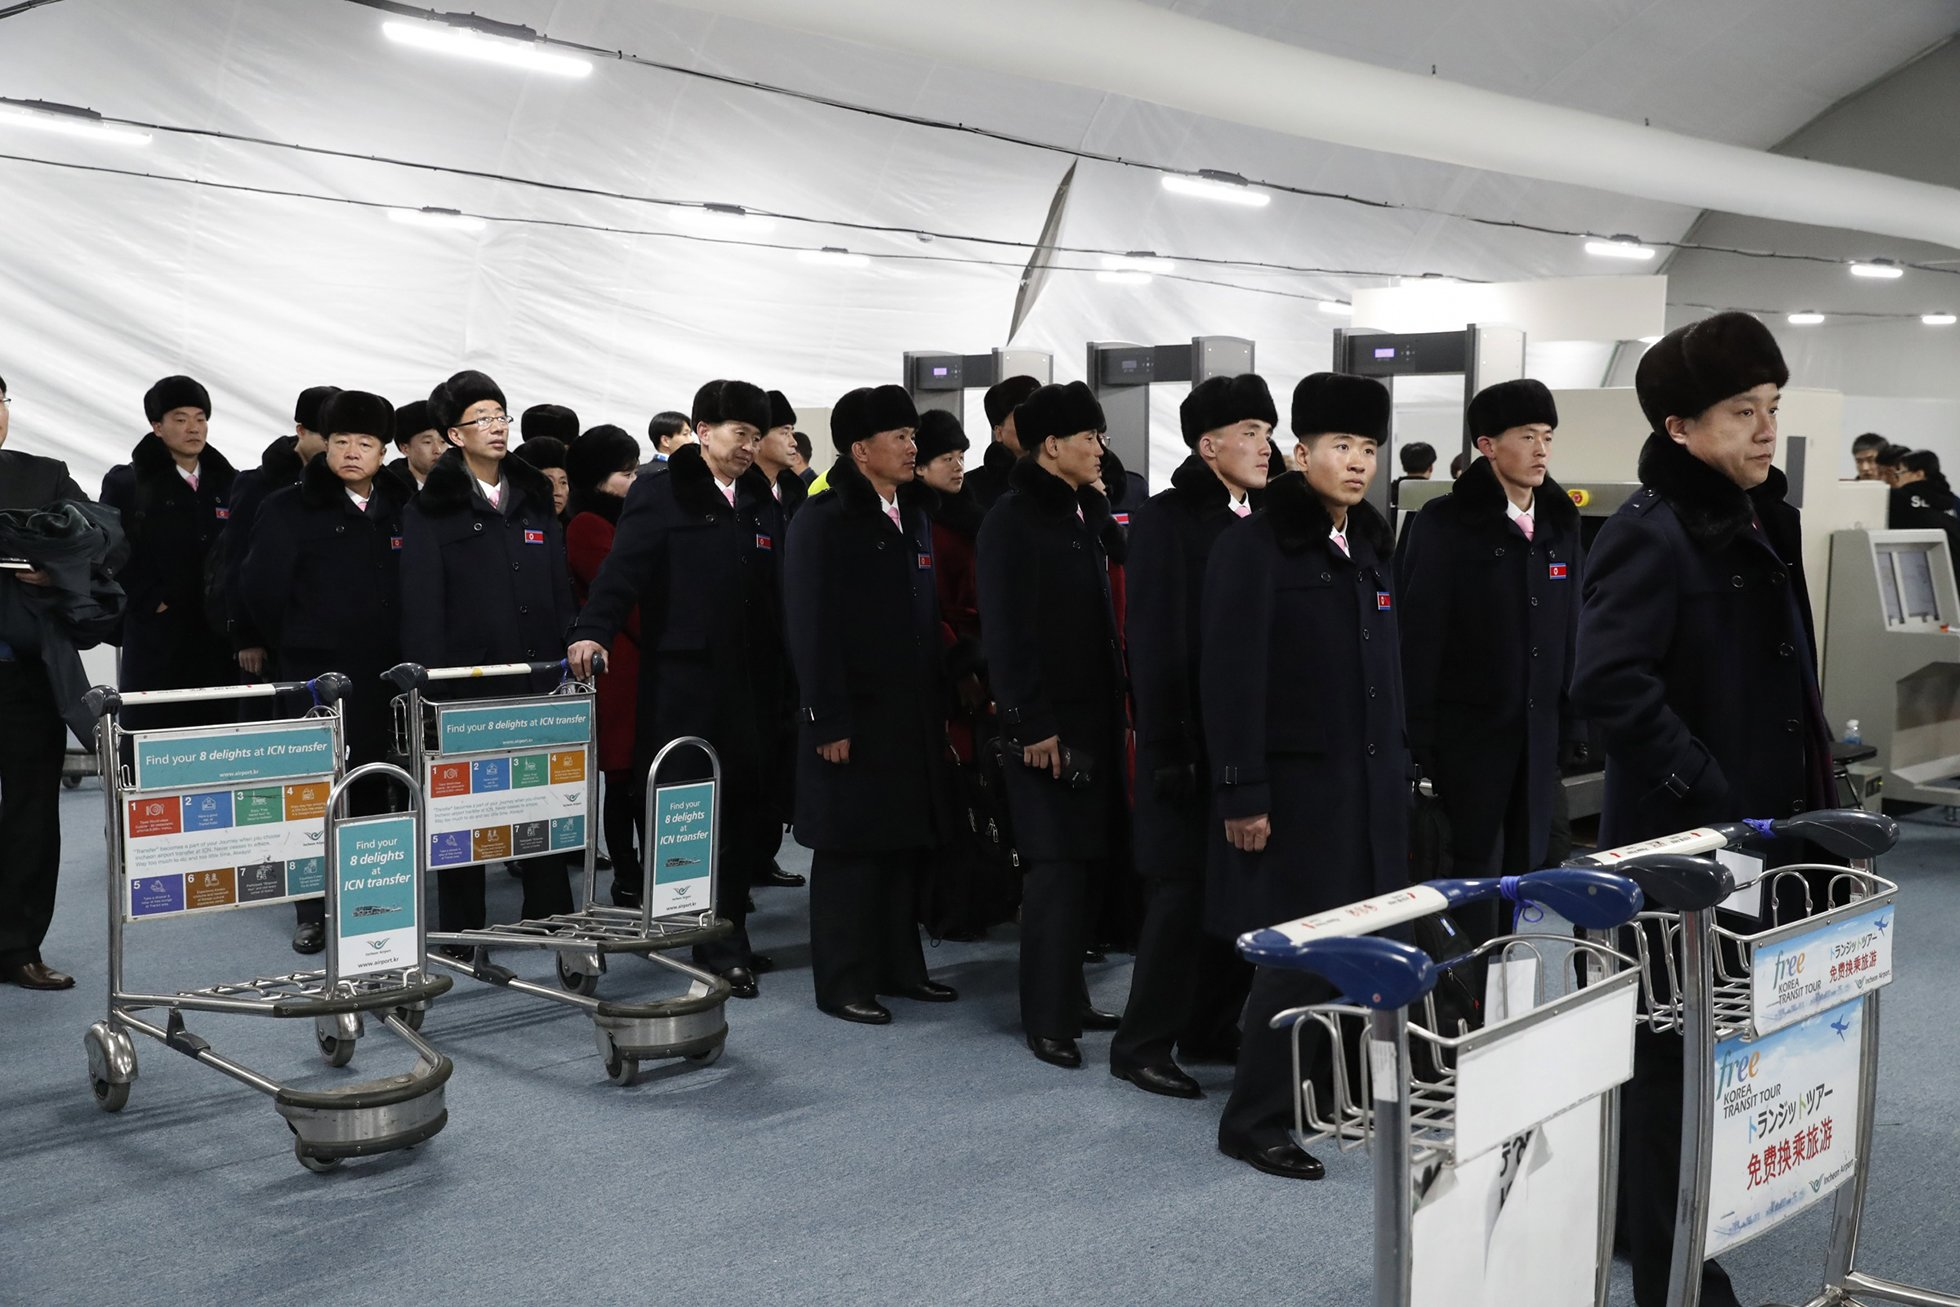 Сборная Северной Кореи прибыла на Олимпиаду